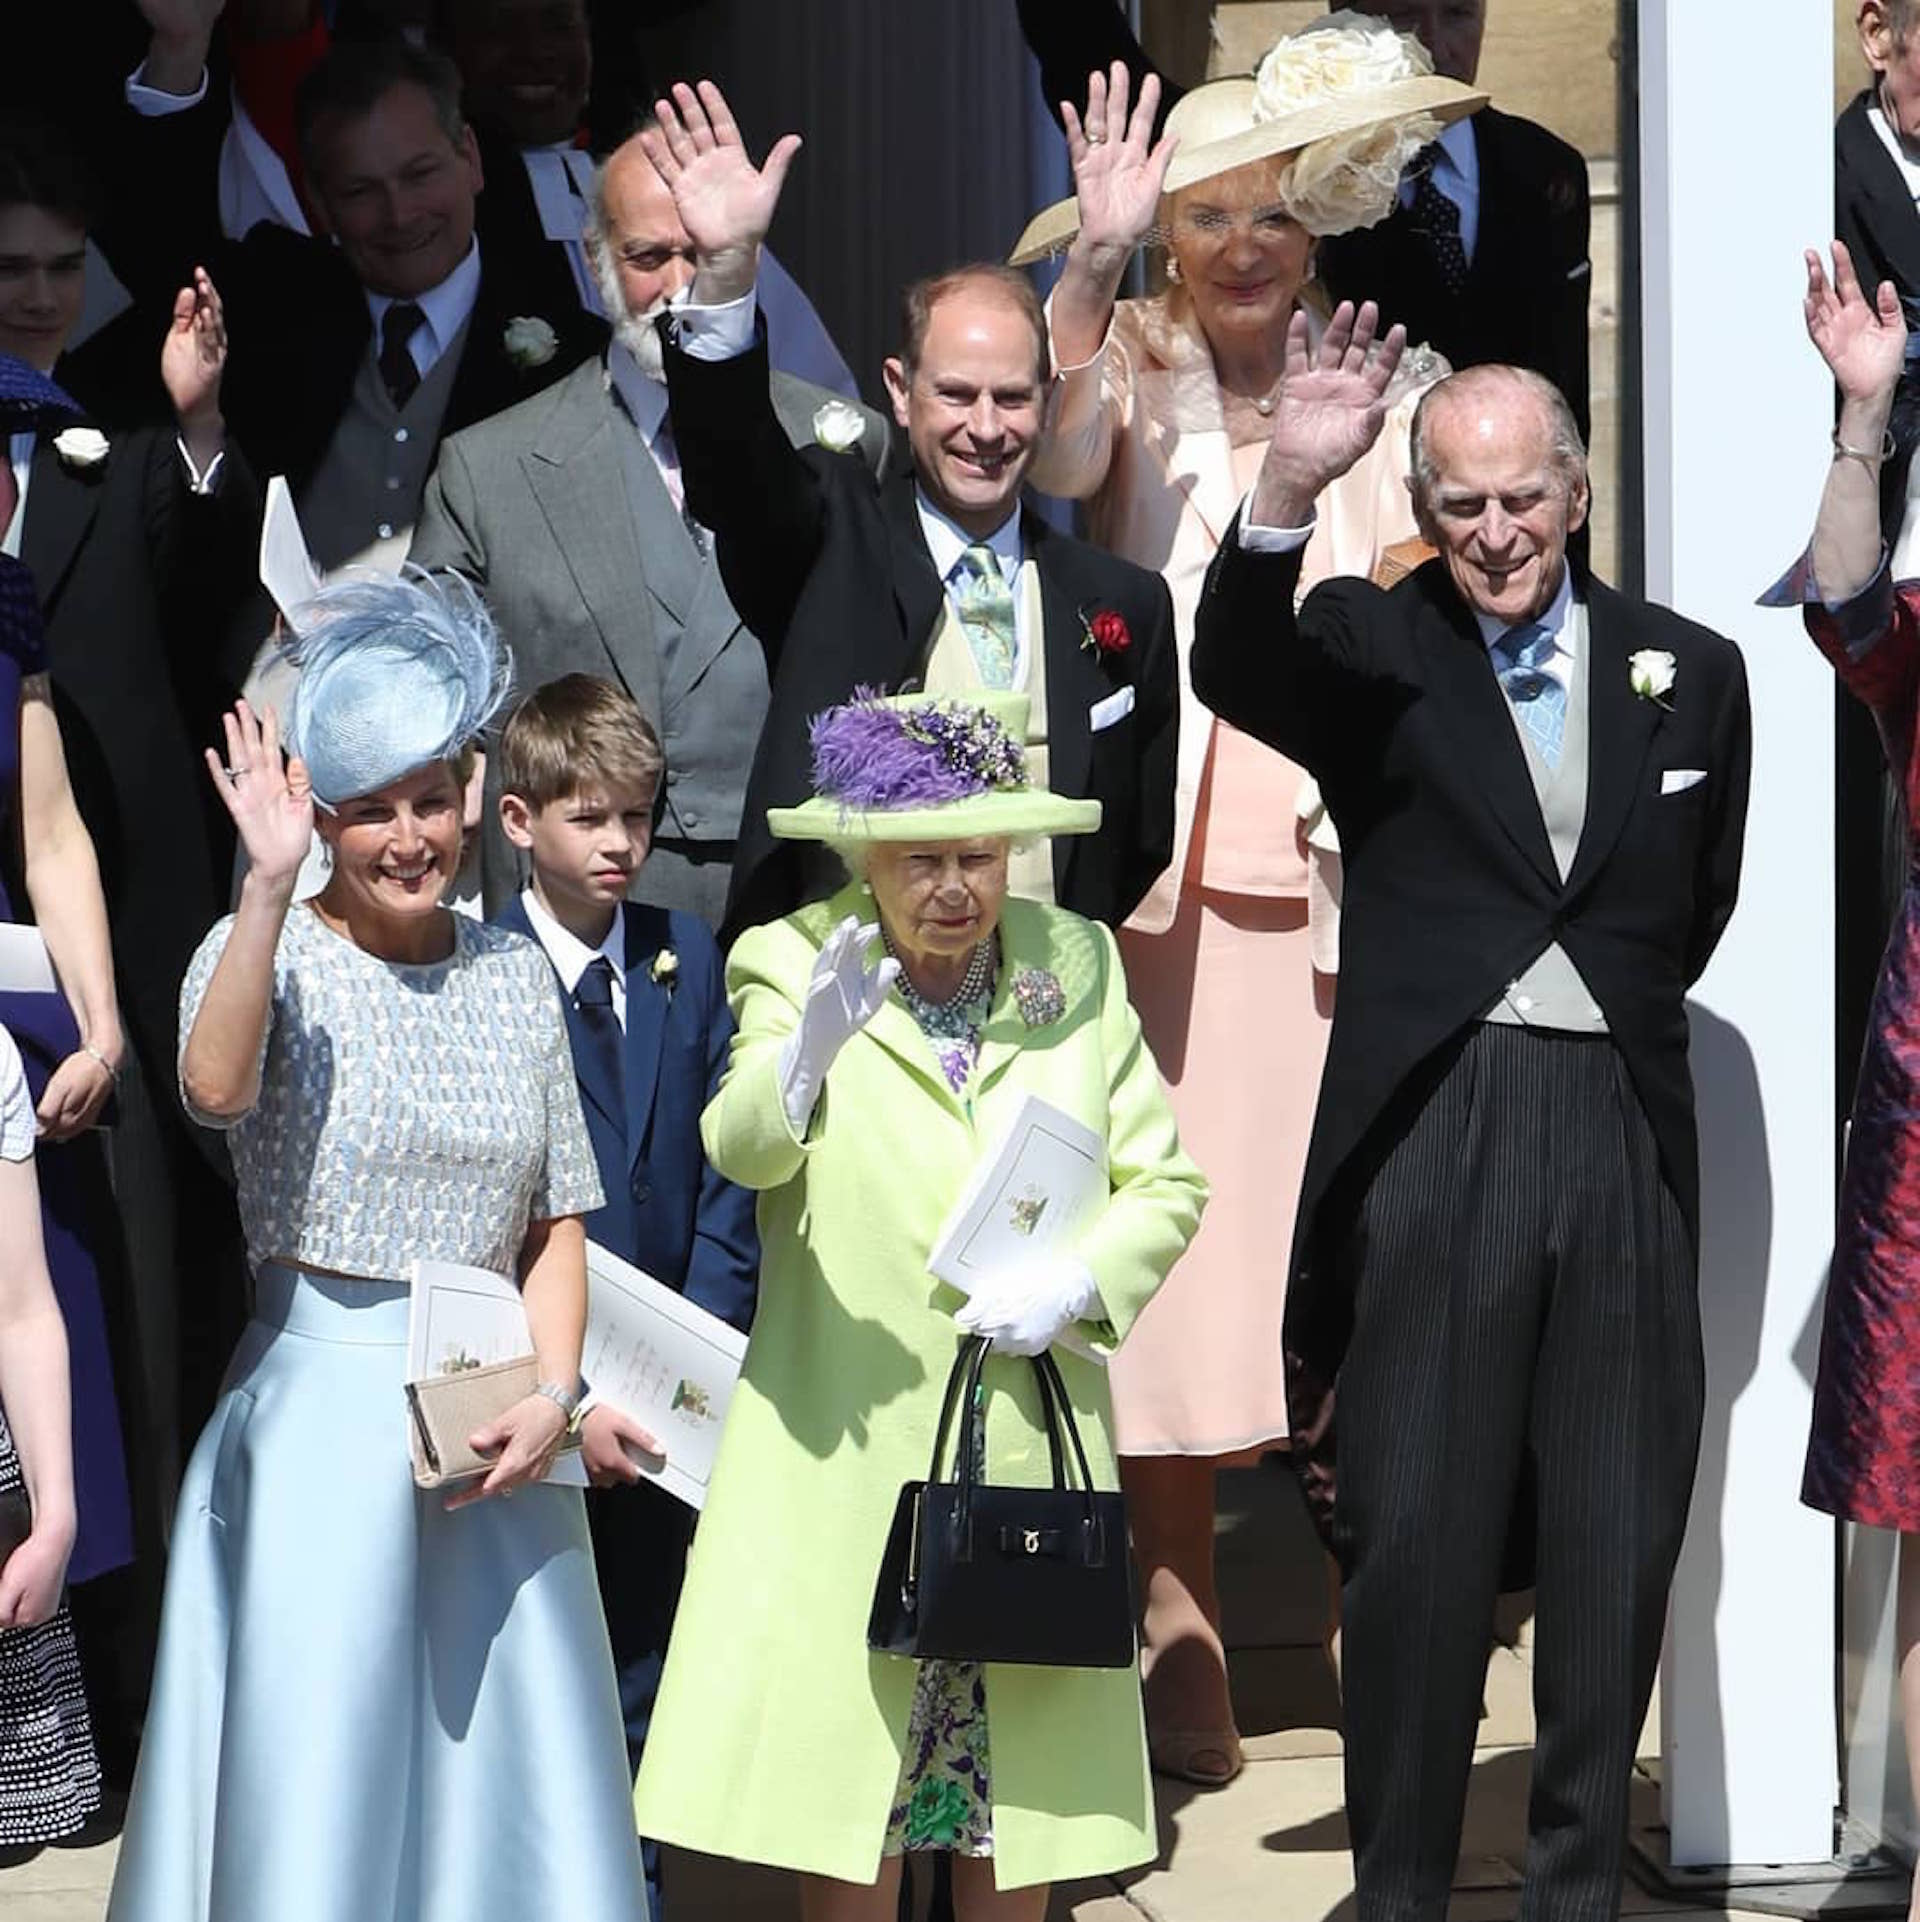 La reina Isabel II y su esposo Felipe, que fue recientemente operado de la cadera y se especuló con su presencia en la boda, saludan a los novios que se alejan en el carruaje.